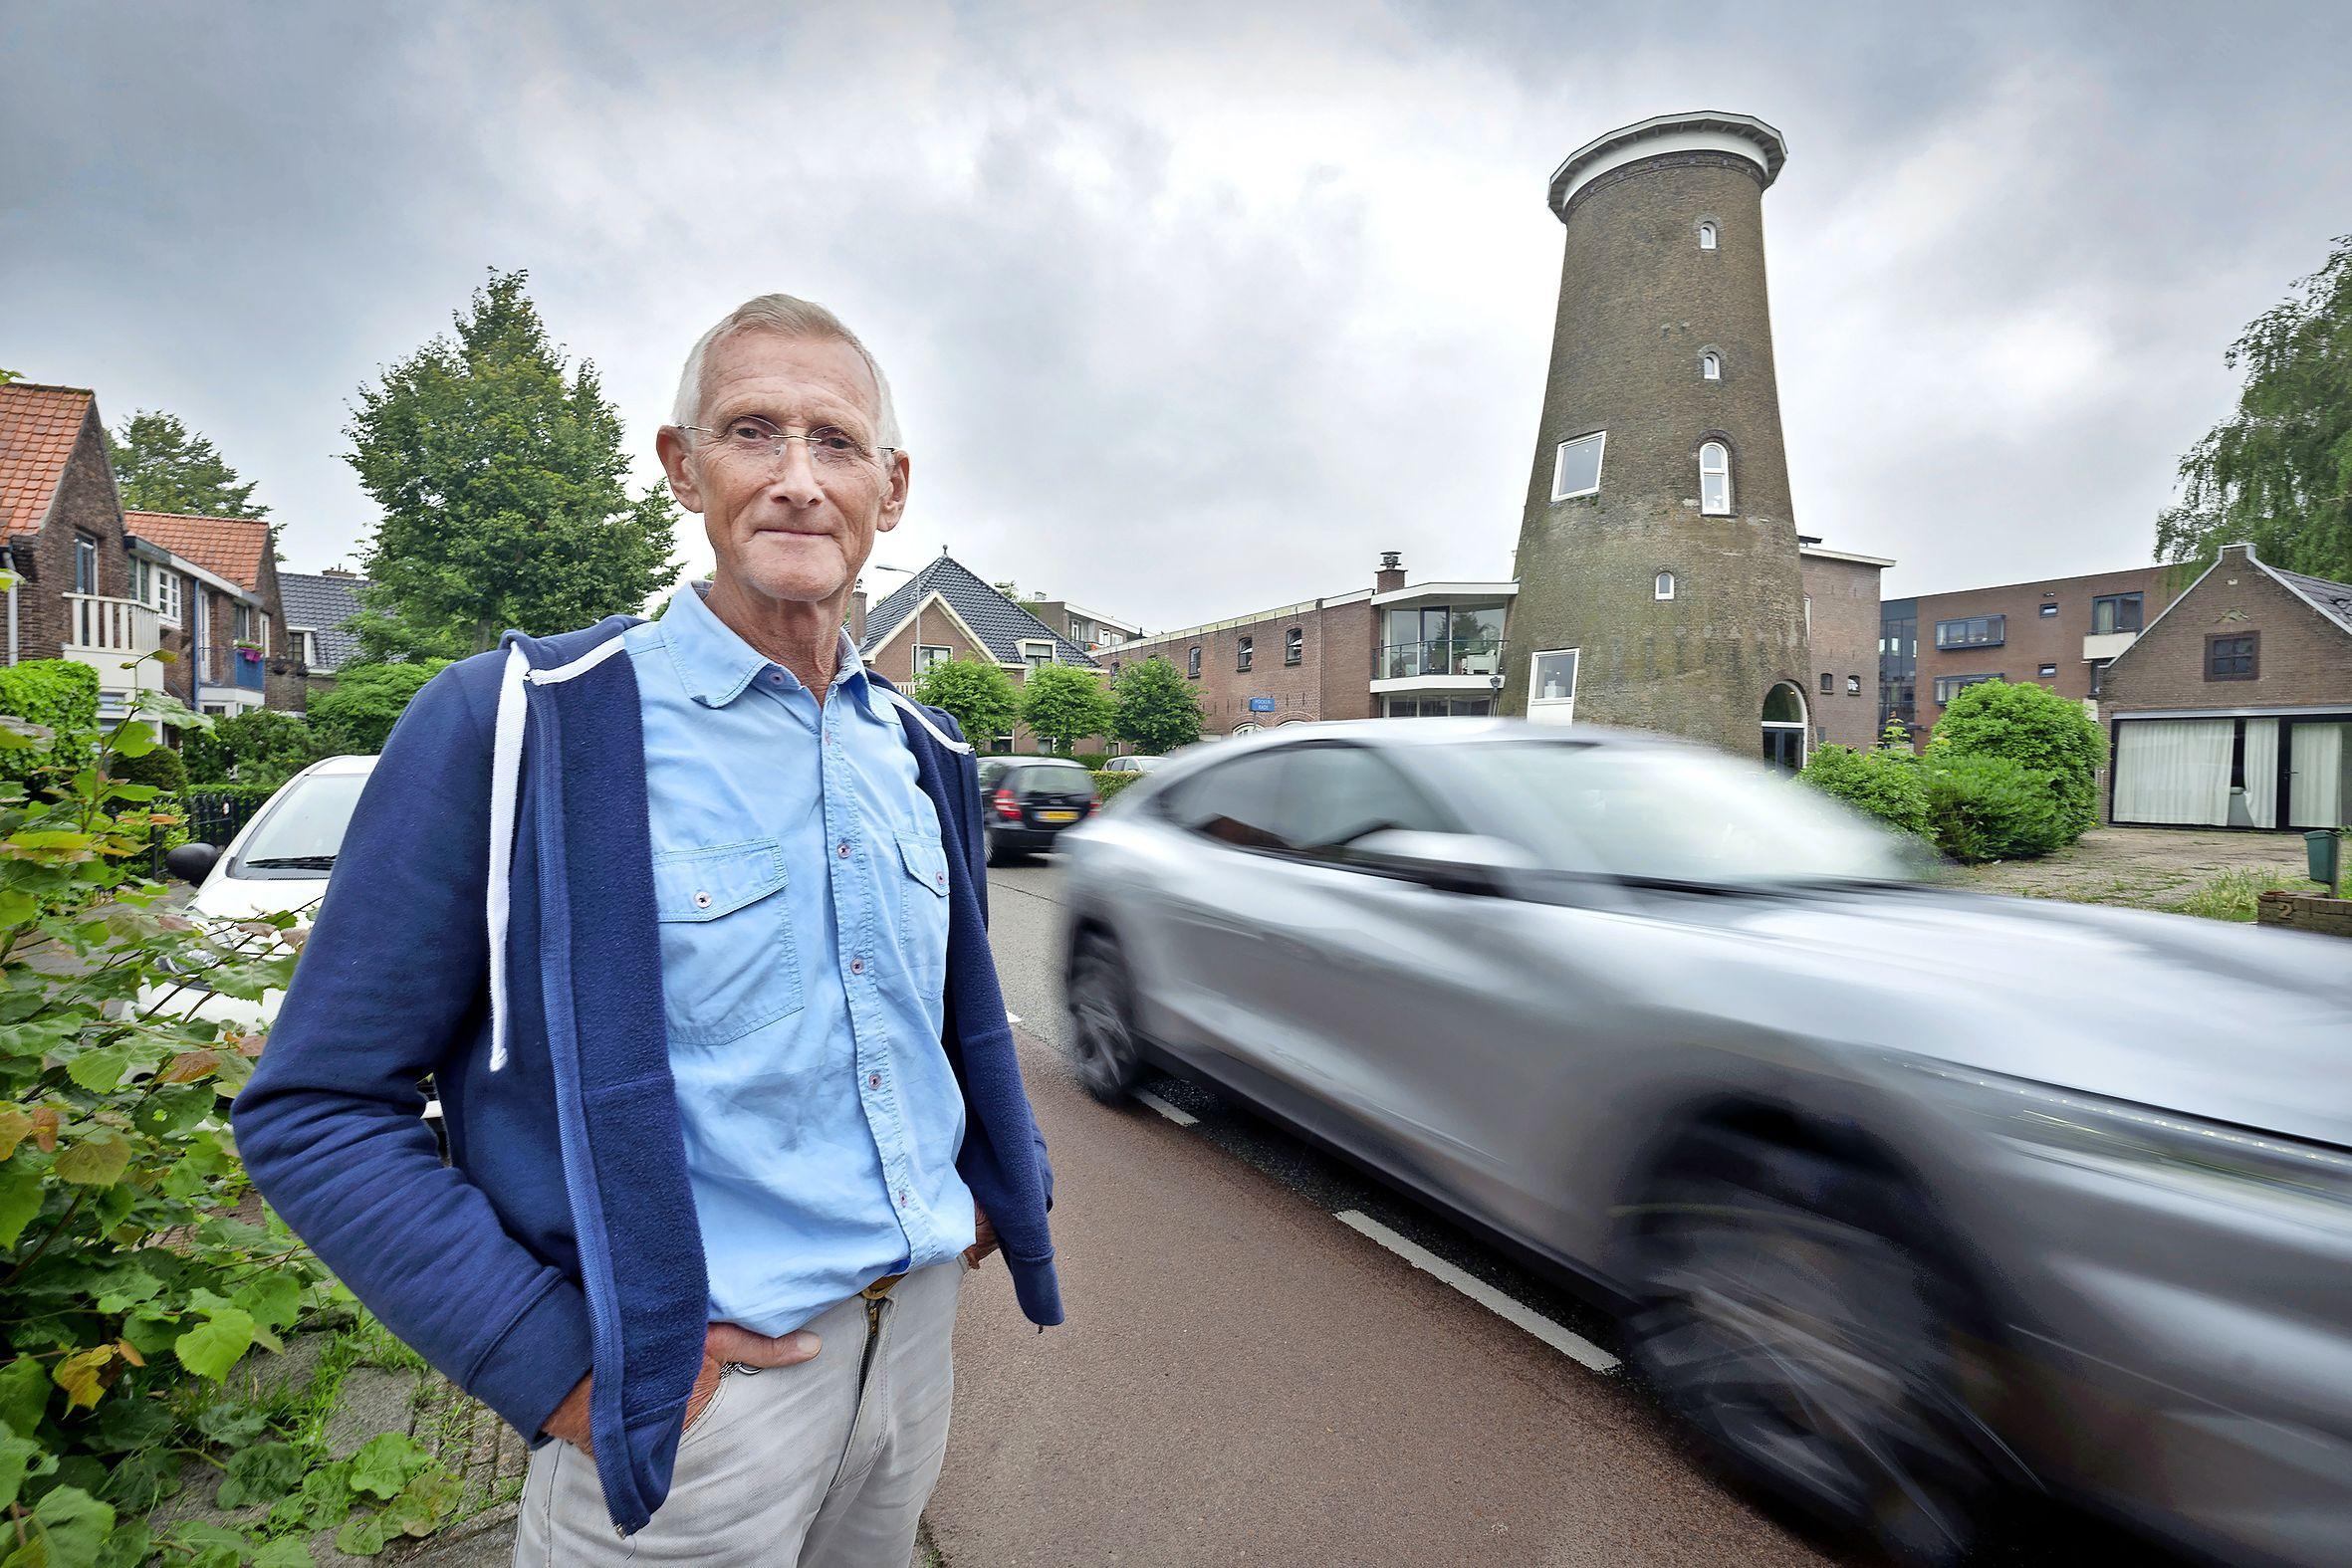 Bewoners Glipperweg in Heemstede eisen verkeersmaatregelen van gemeente. 'Er wordt met levens gespeeld'